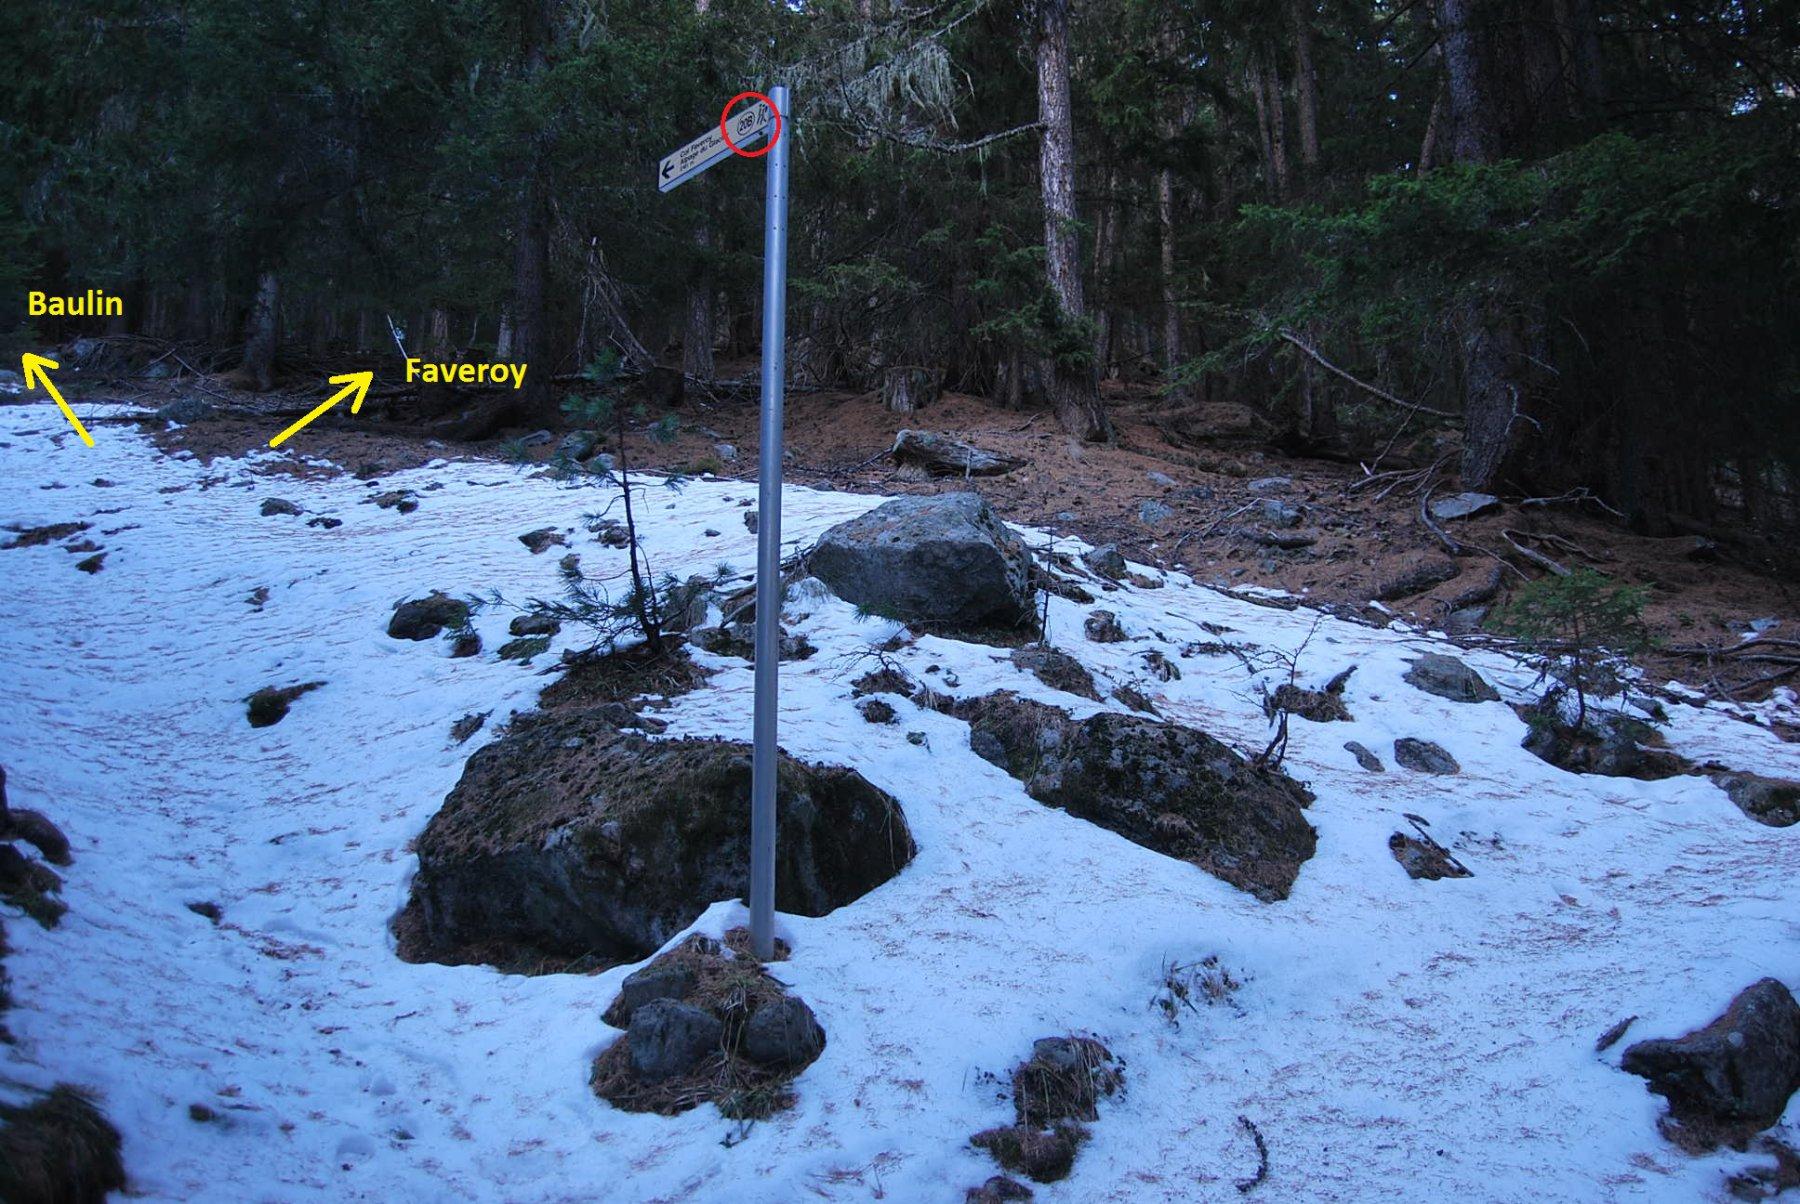 L'arrivo alla palina. Se si segue la direzione della freccia, il sentiero porta a Baulin; per il colle occorre piegare a destra, ma le indicazioni non sono evidenti